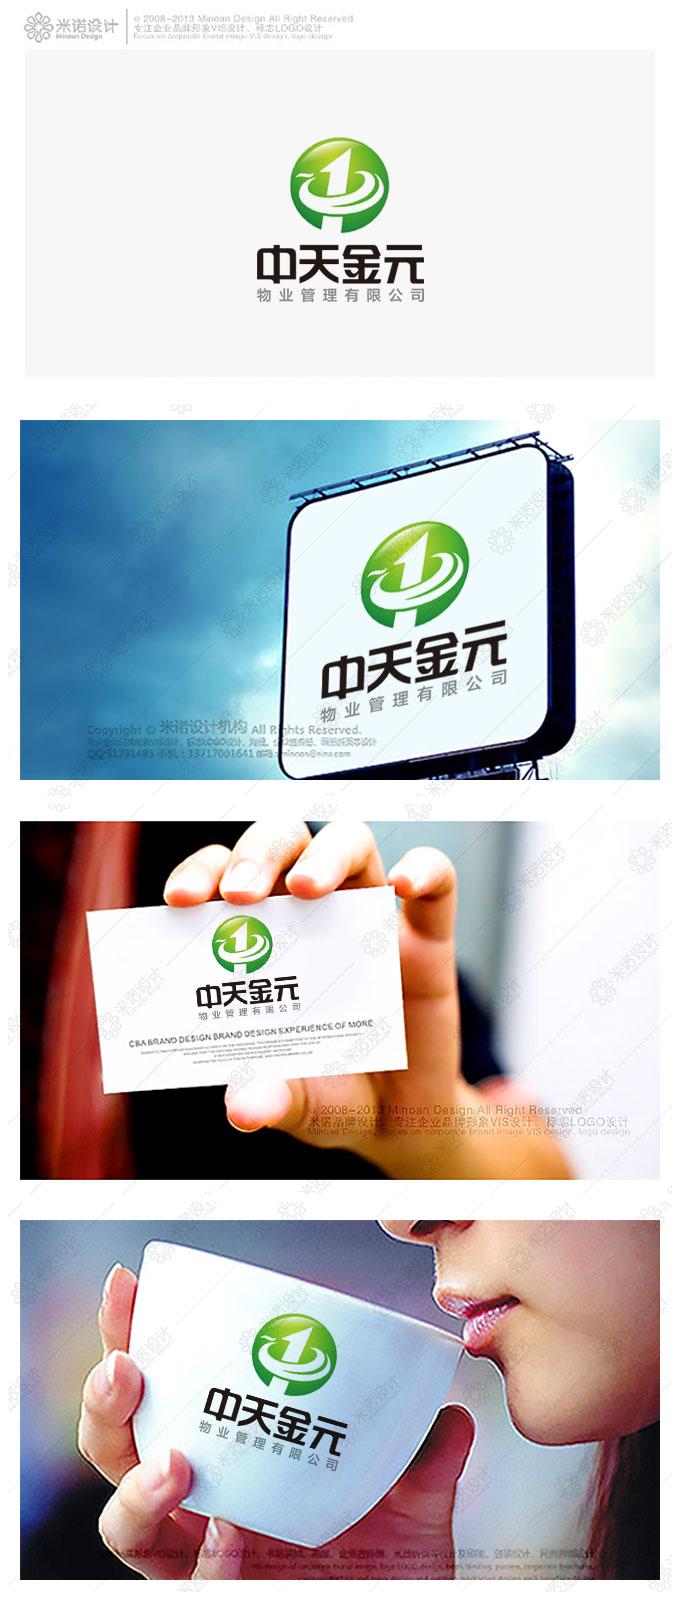 公司LOGO设计_2951424_k68威客网